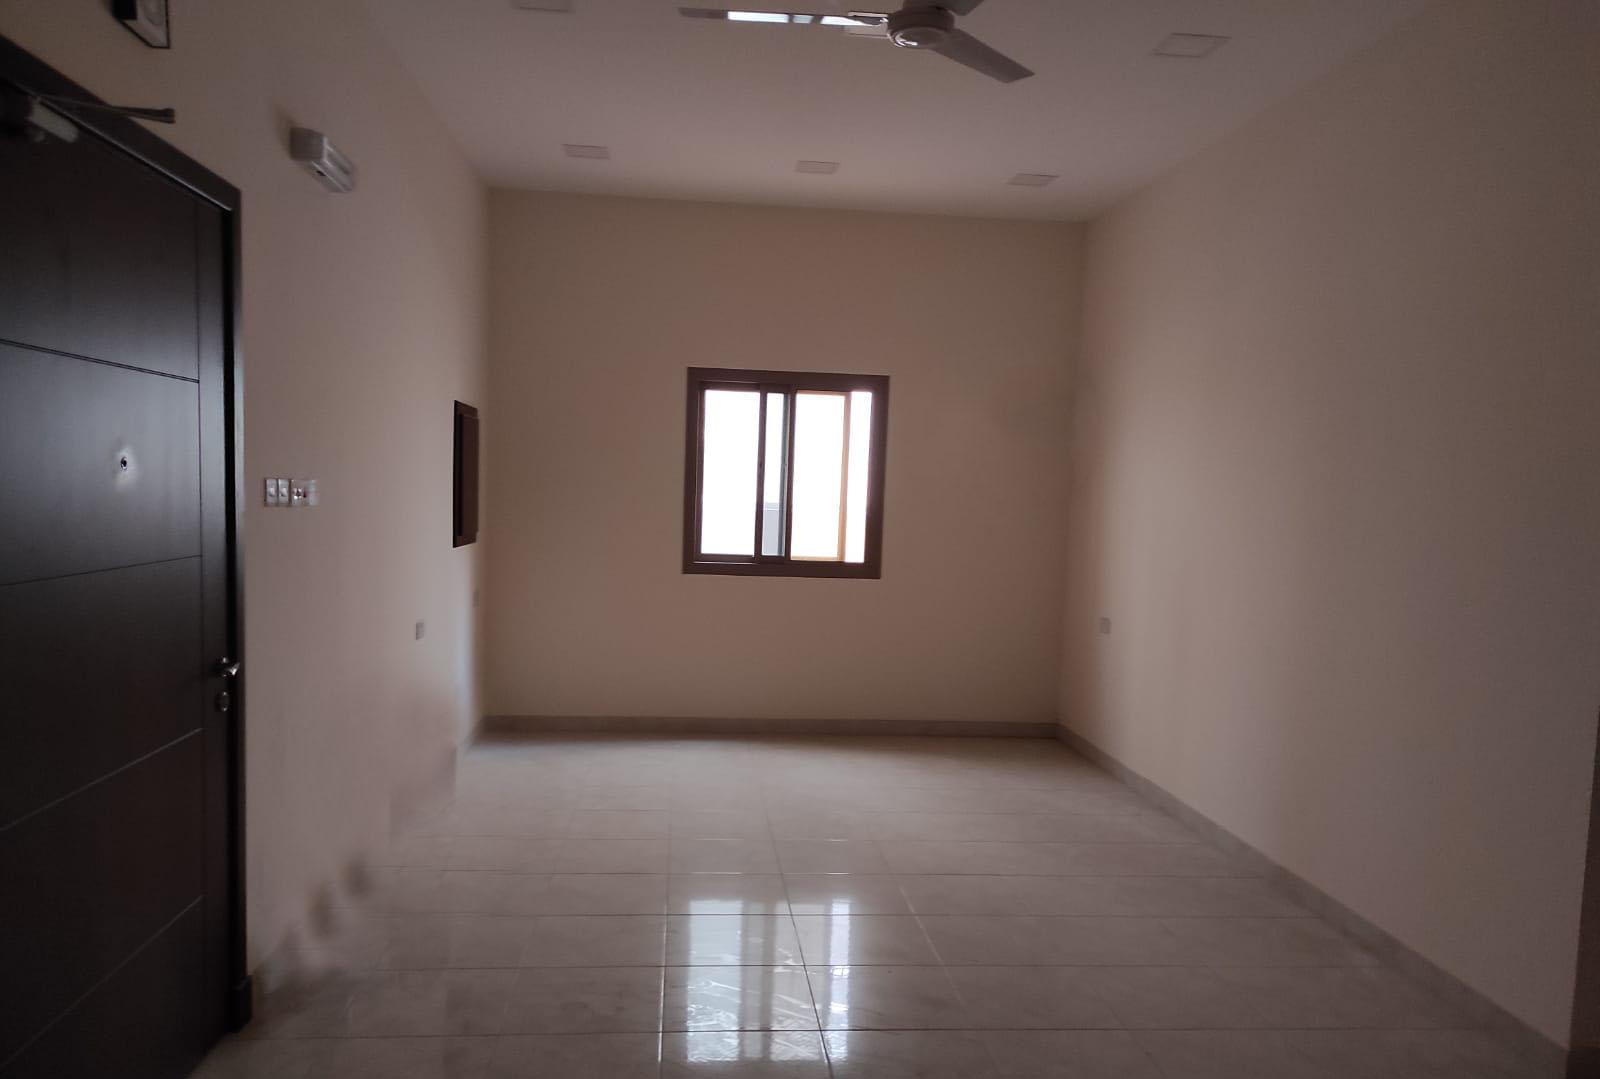 للإيجار مكتب تجاري بمنطقة جرداب